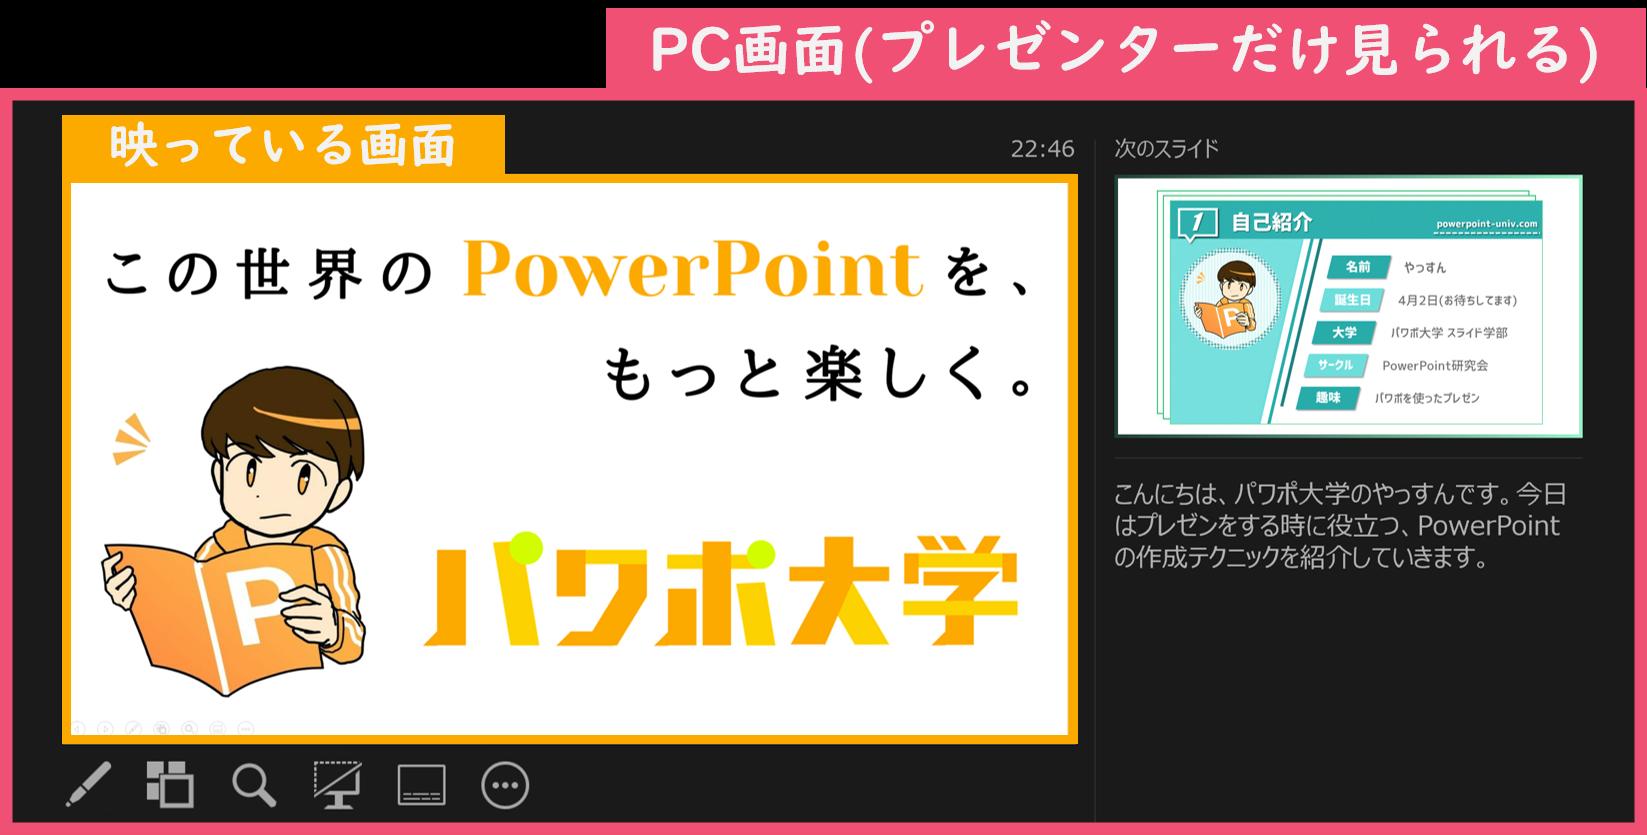 パワーポイントの発表者ツールの説明画像